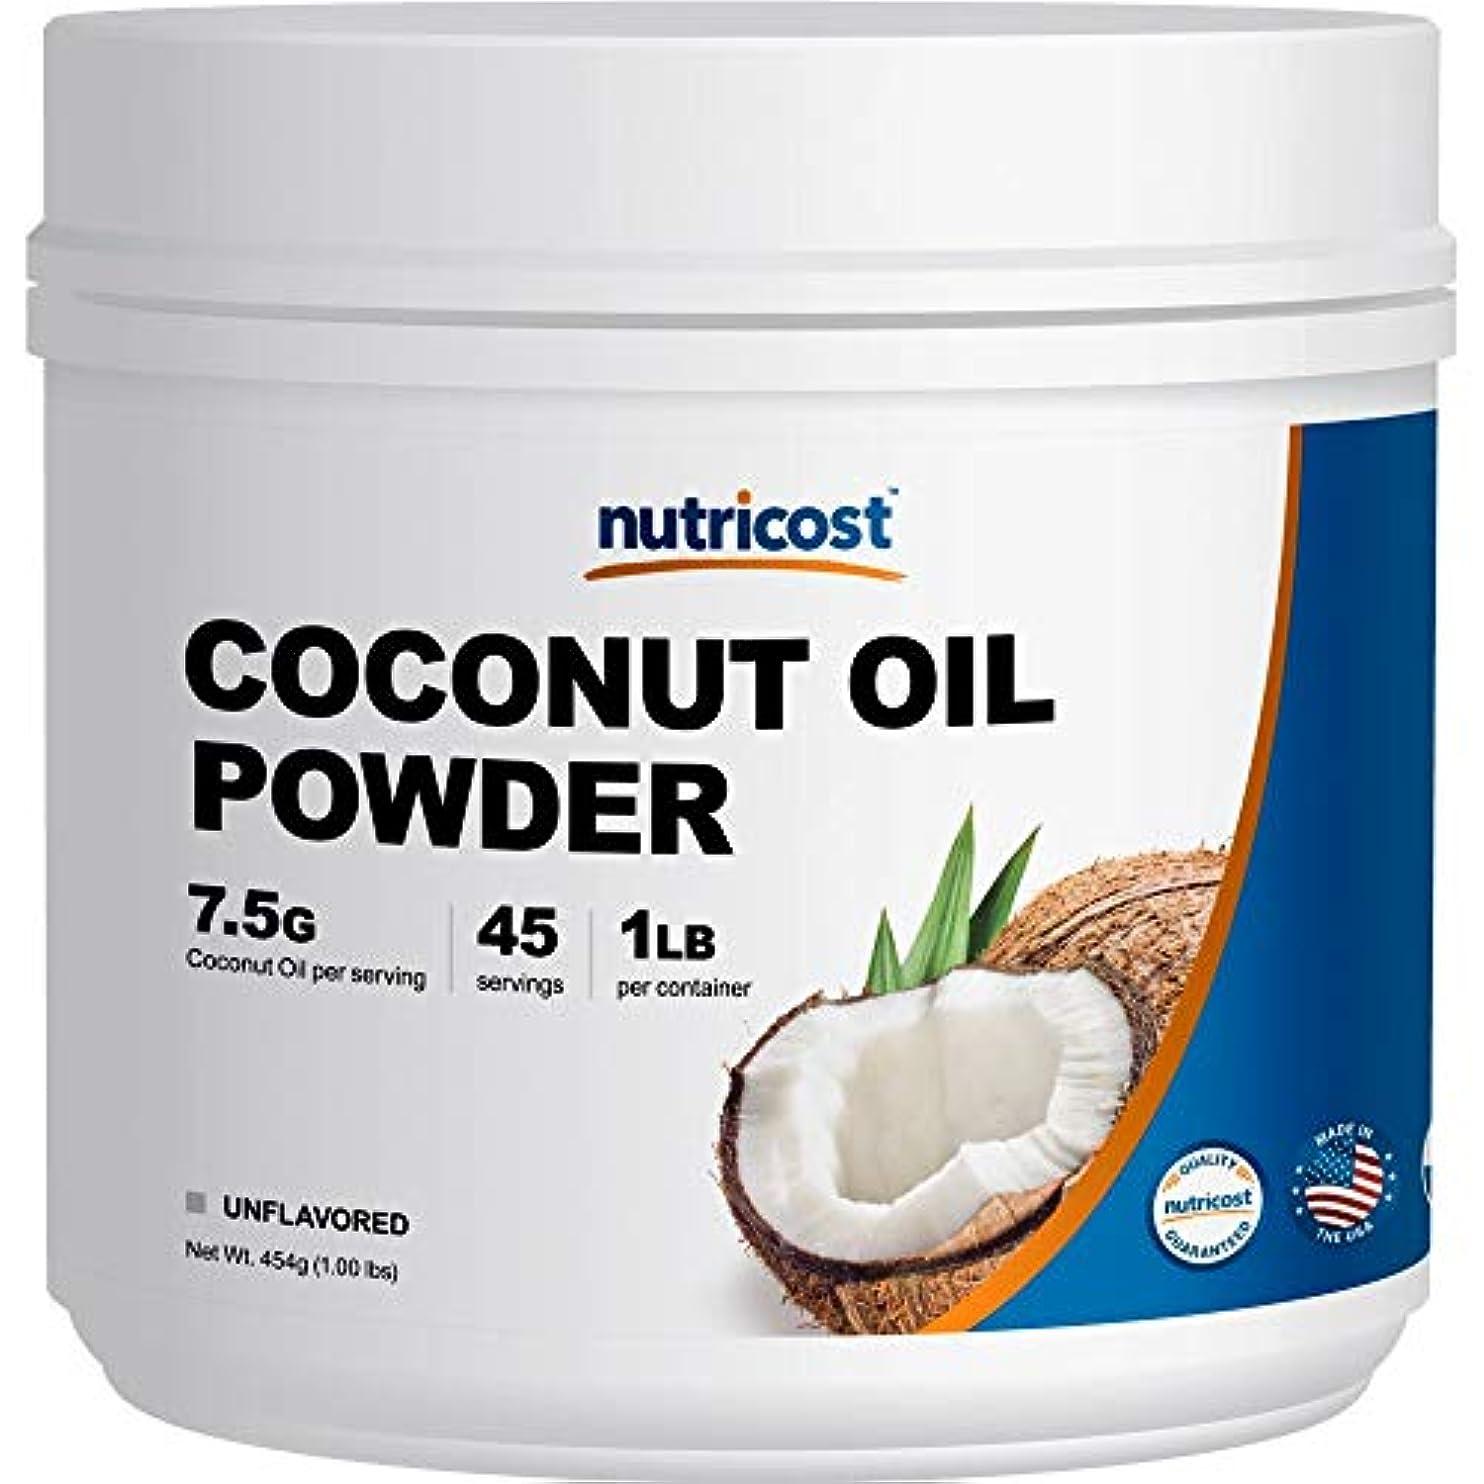 スカイ変色する知っているに立ち寄るNutricost ココナッツオイルパウダー 1LB、45食分、非GMO、グルテンフリー